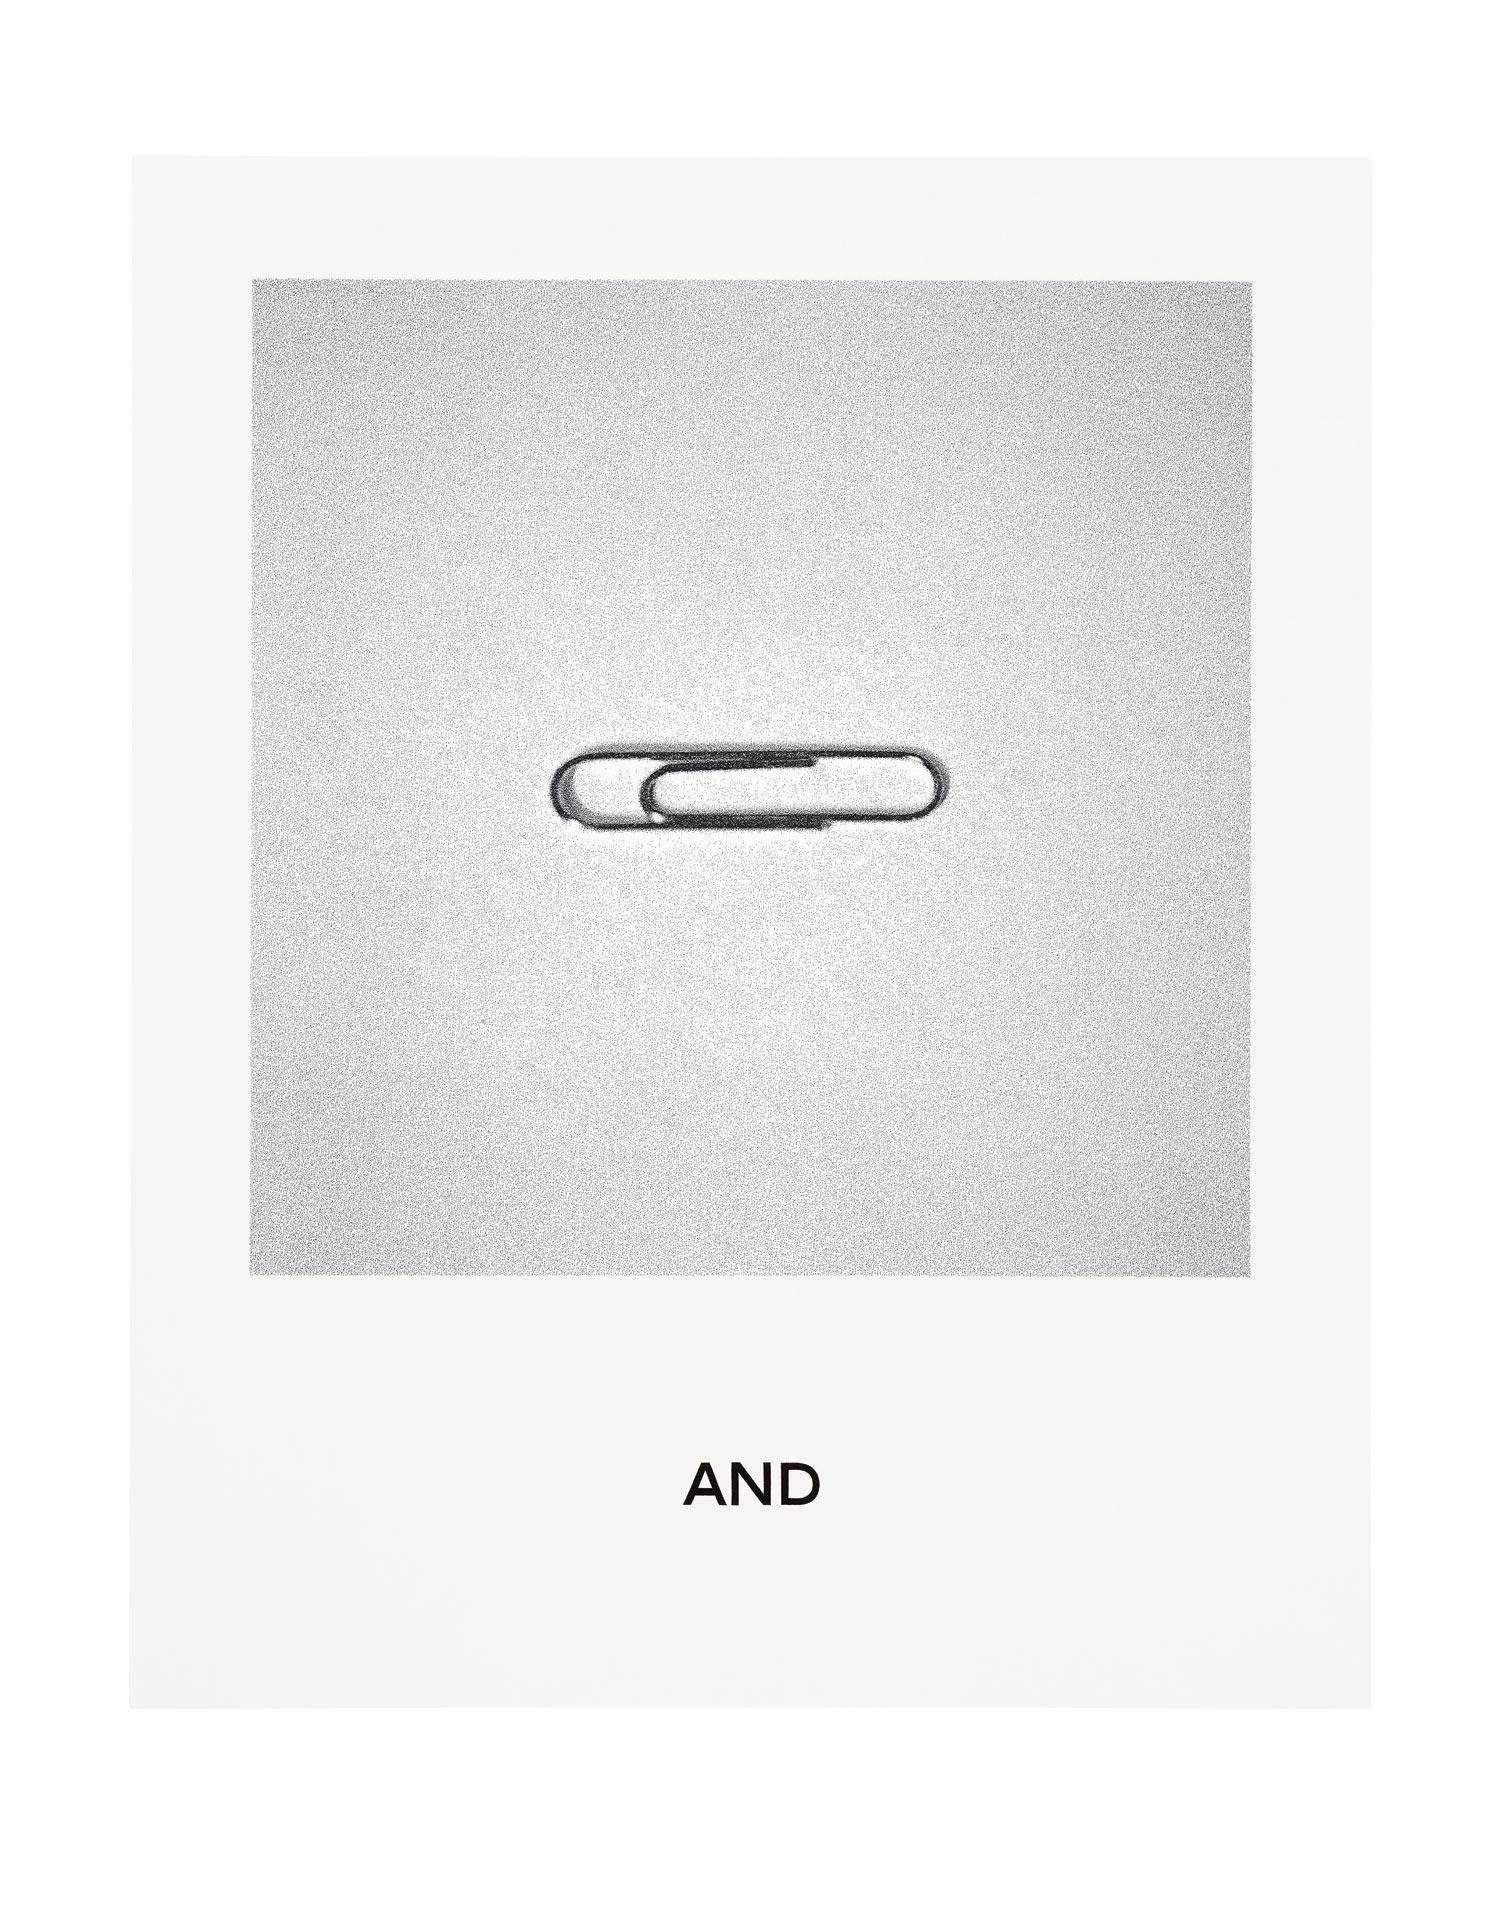 Goya Series: AND,  1997  ©John Baldessari